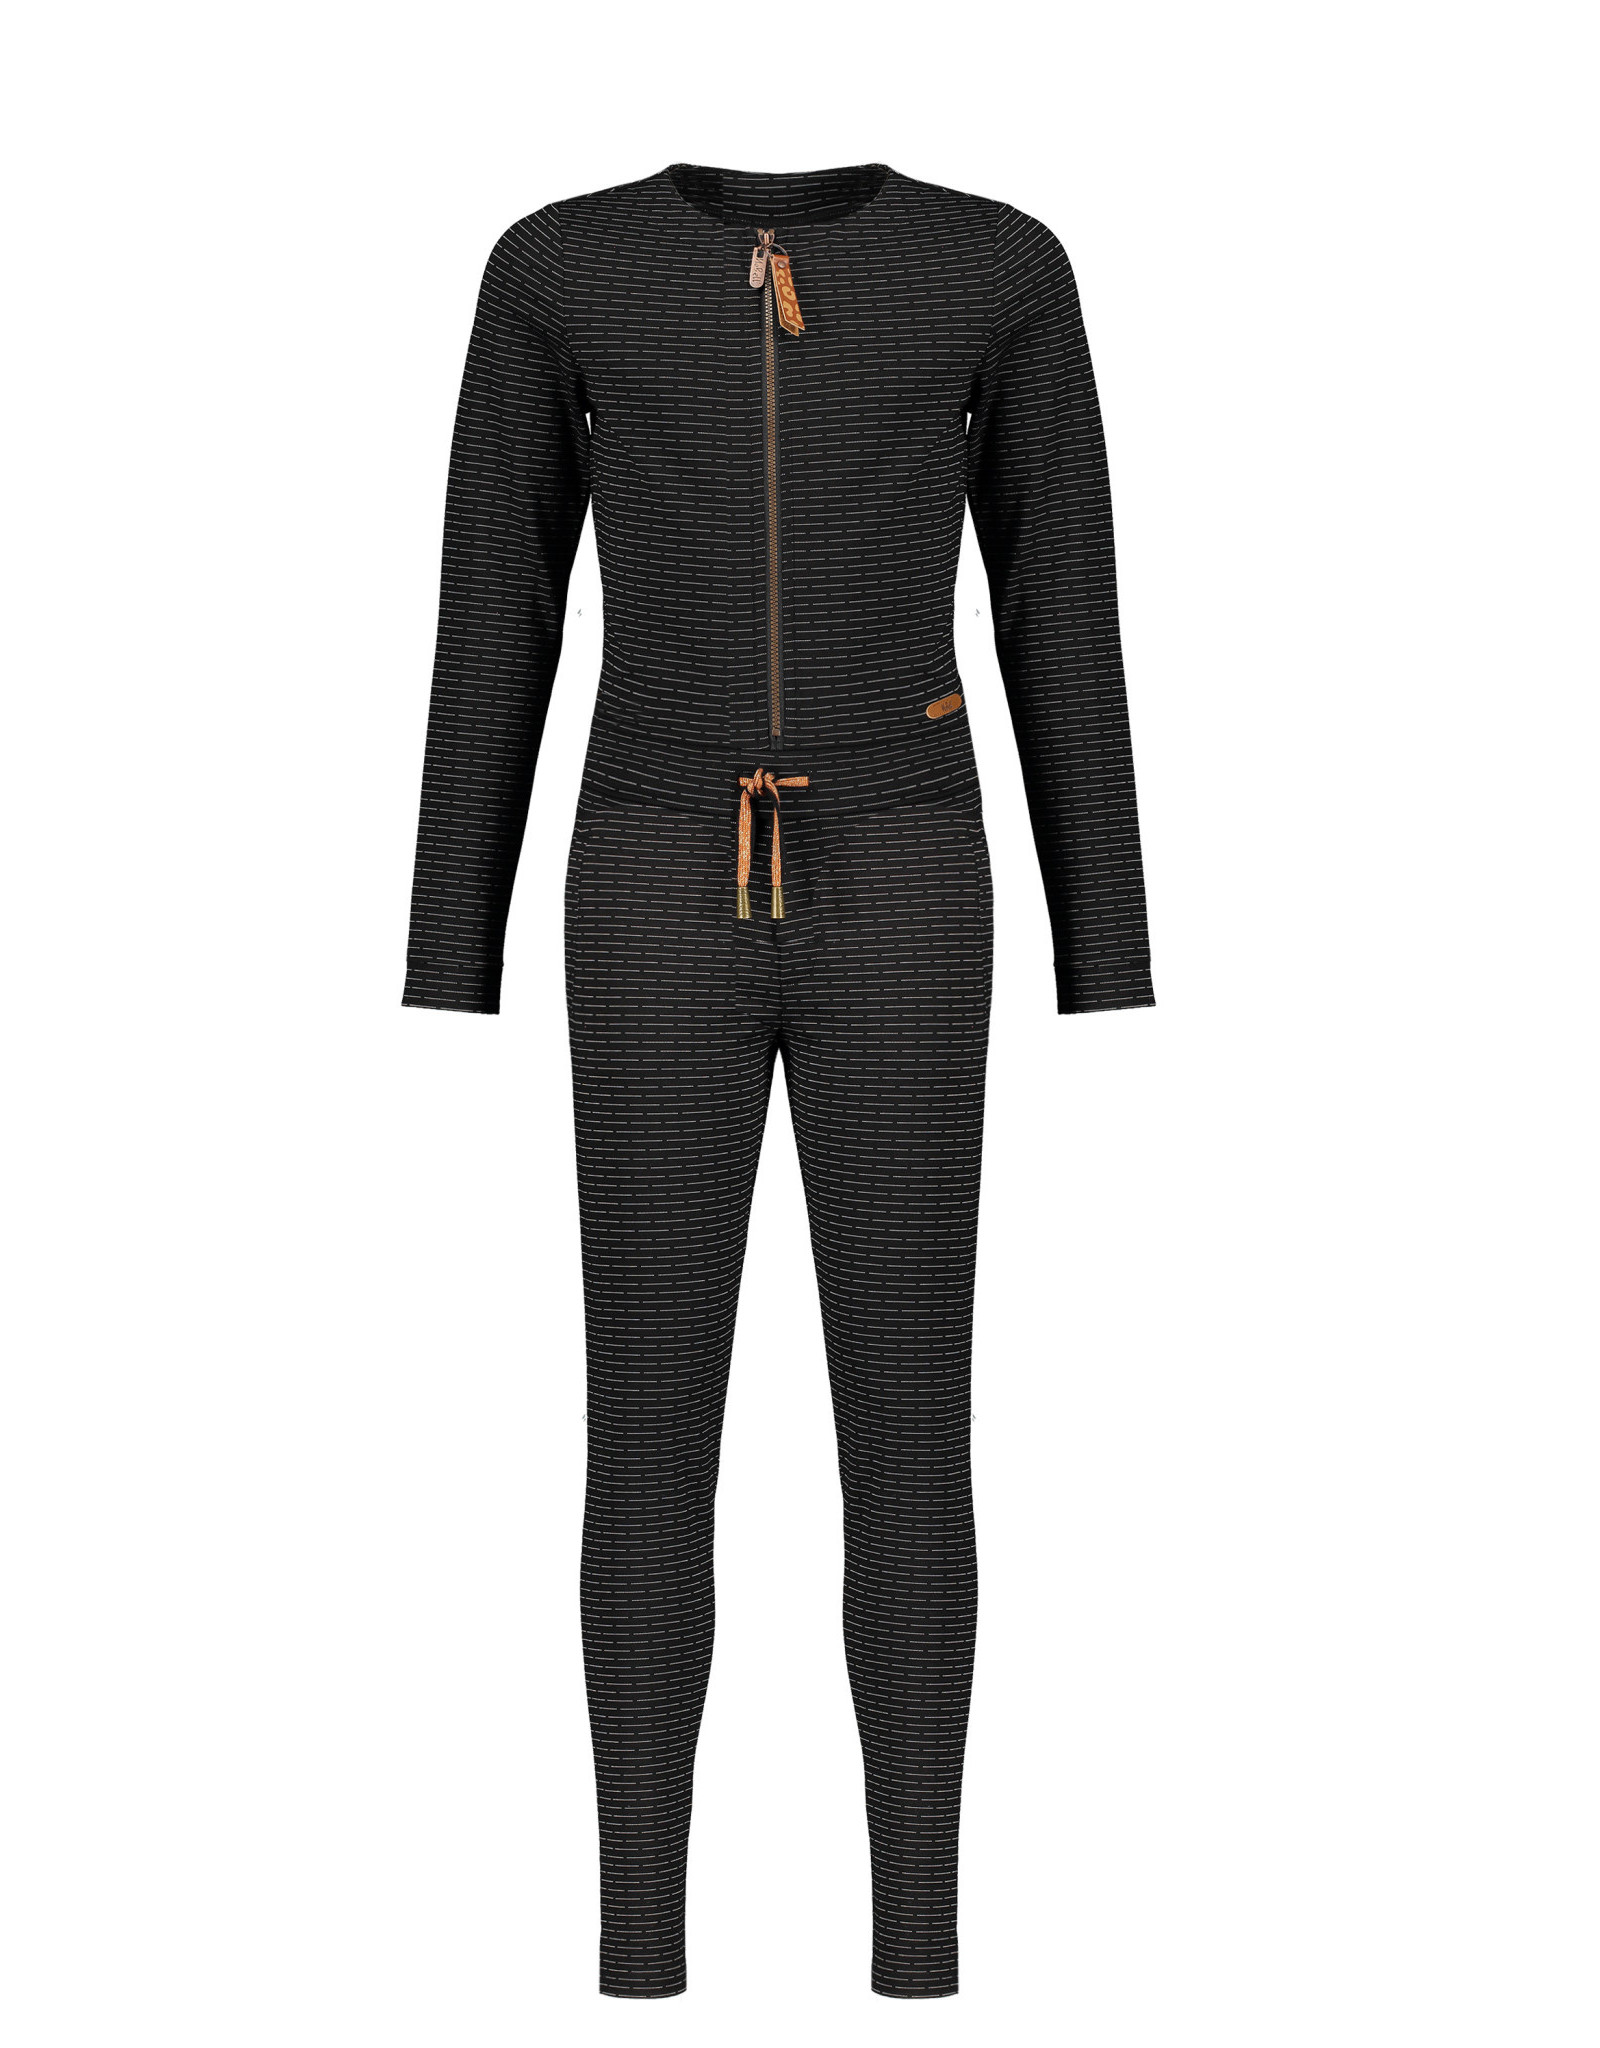 NoBell meiden jumpsuit Suity Jet Black